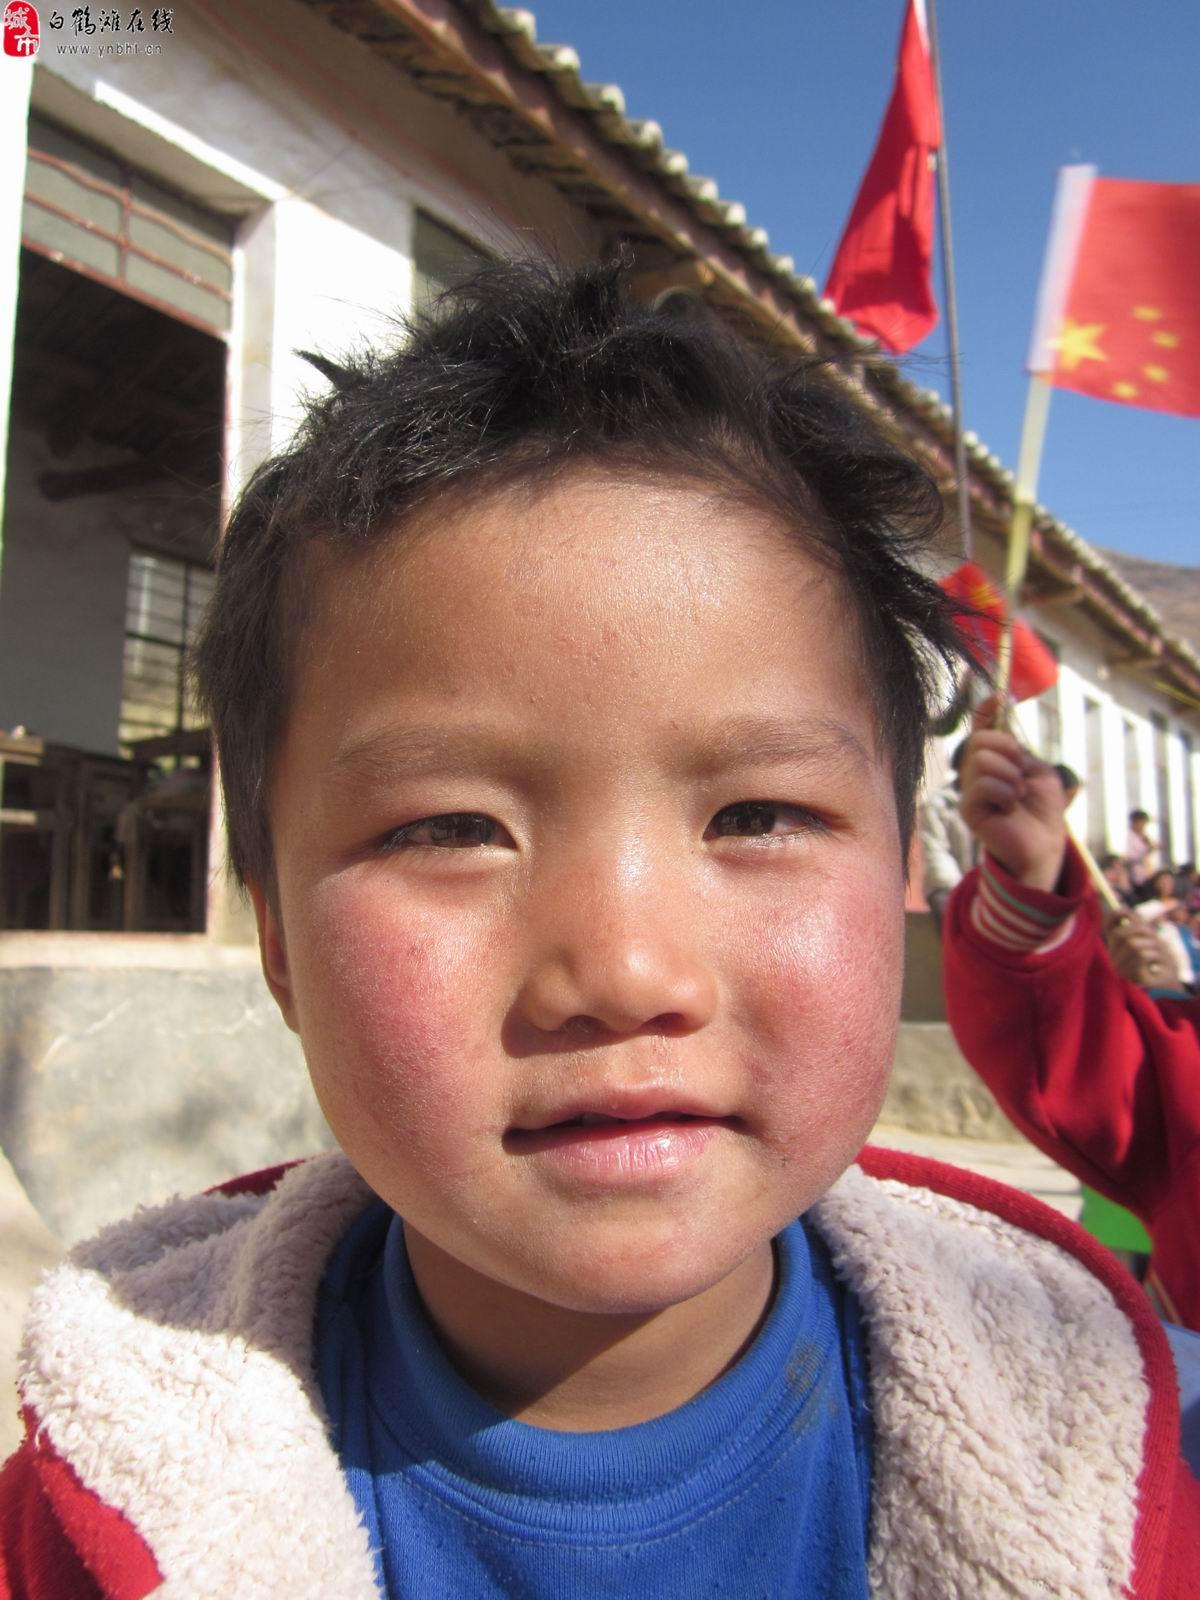 农村孩子可爱的笑脸_巧家故事